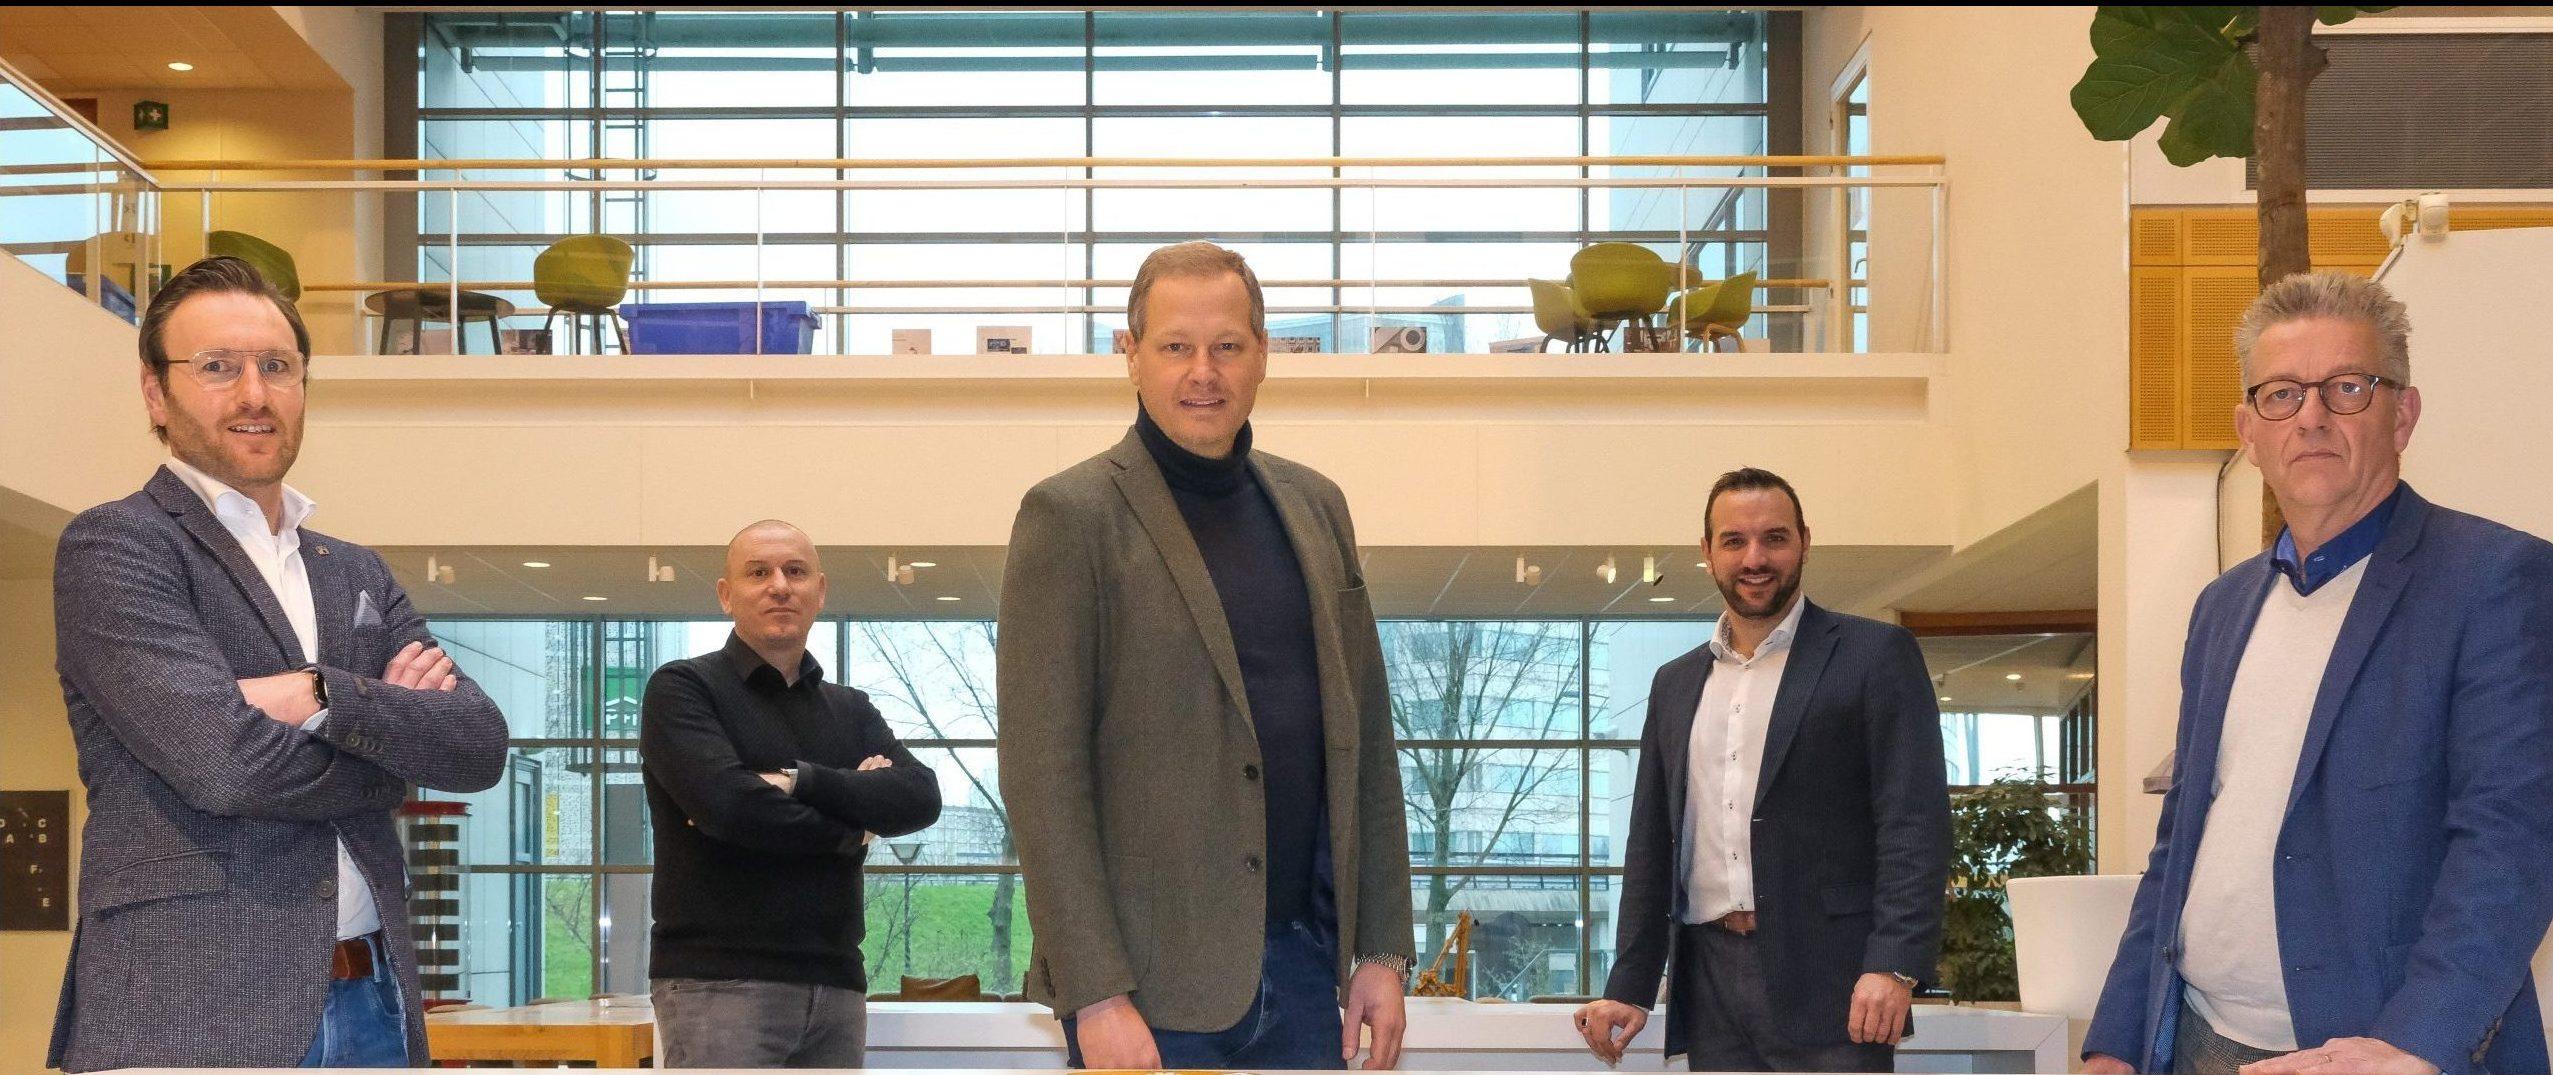 Huis-aan-huis-uitgeverijen starten gezamenlijk platform